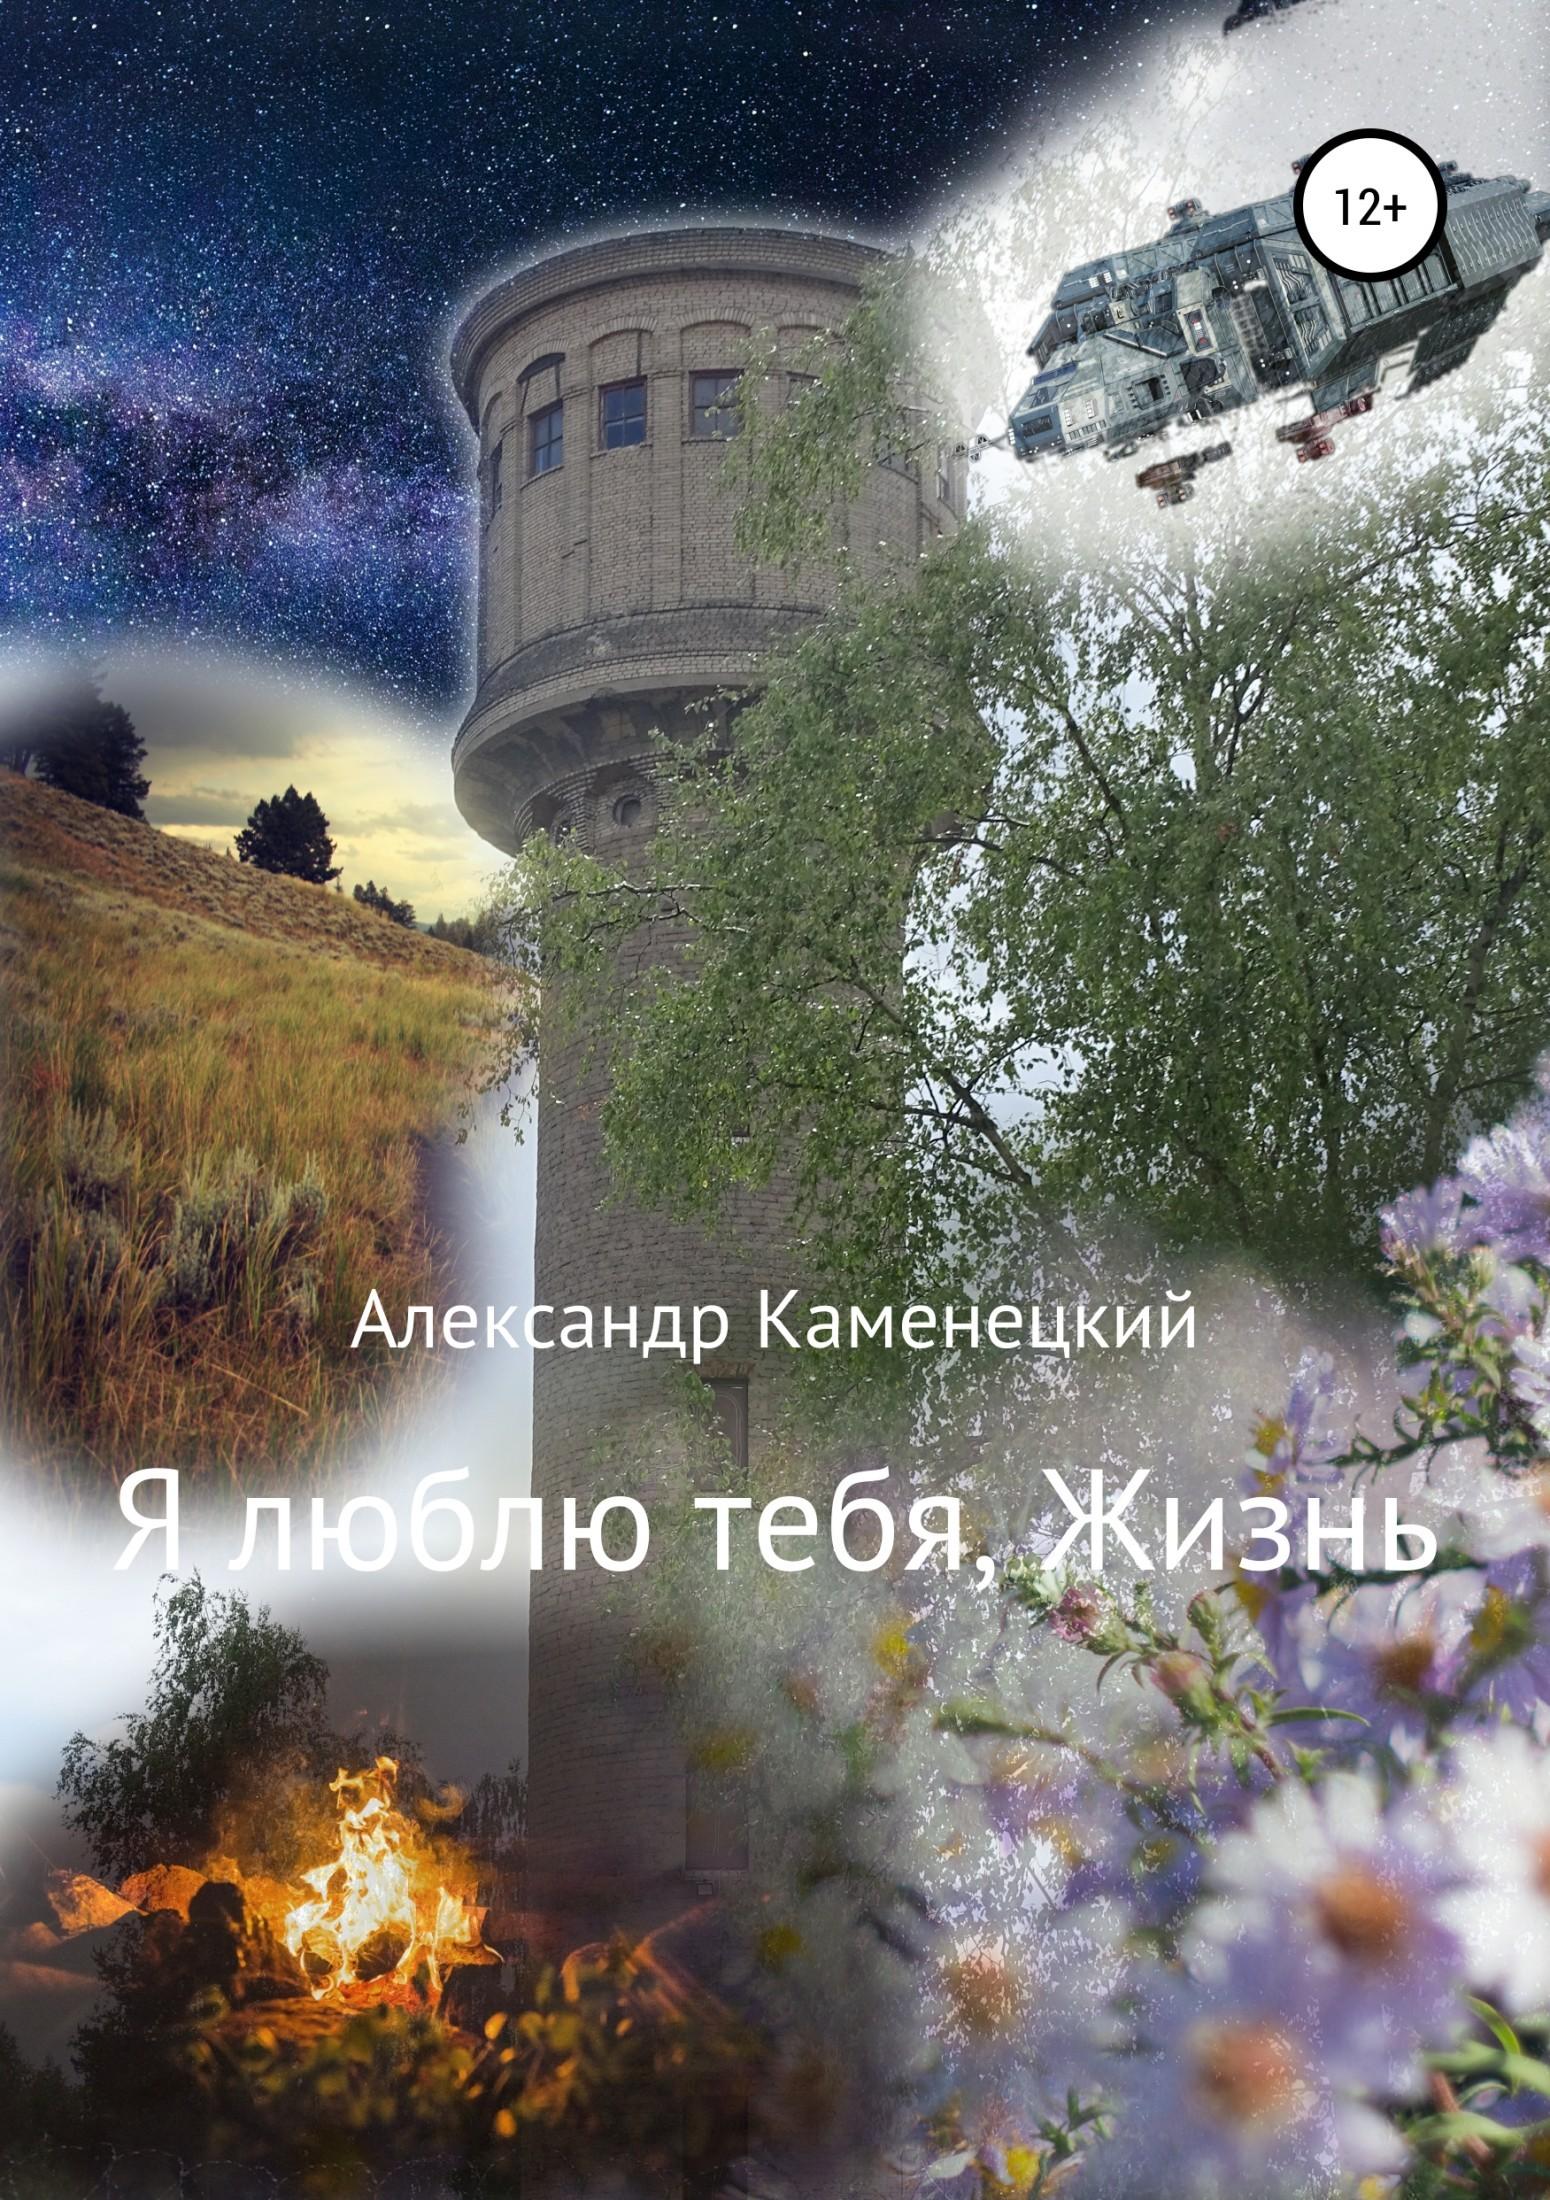 Александр Каменецкий - Я люблю тебя, Жизнь